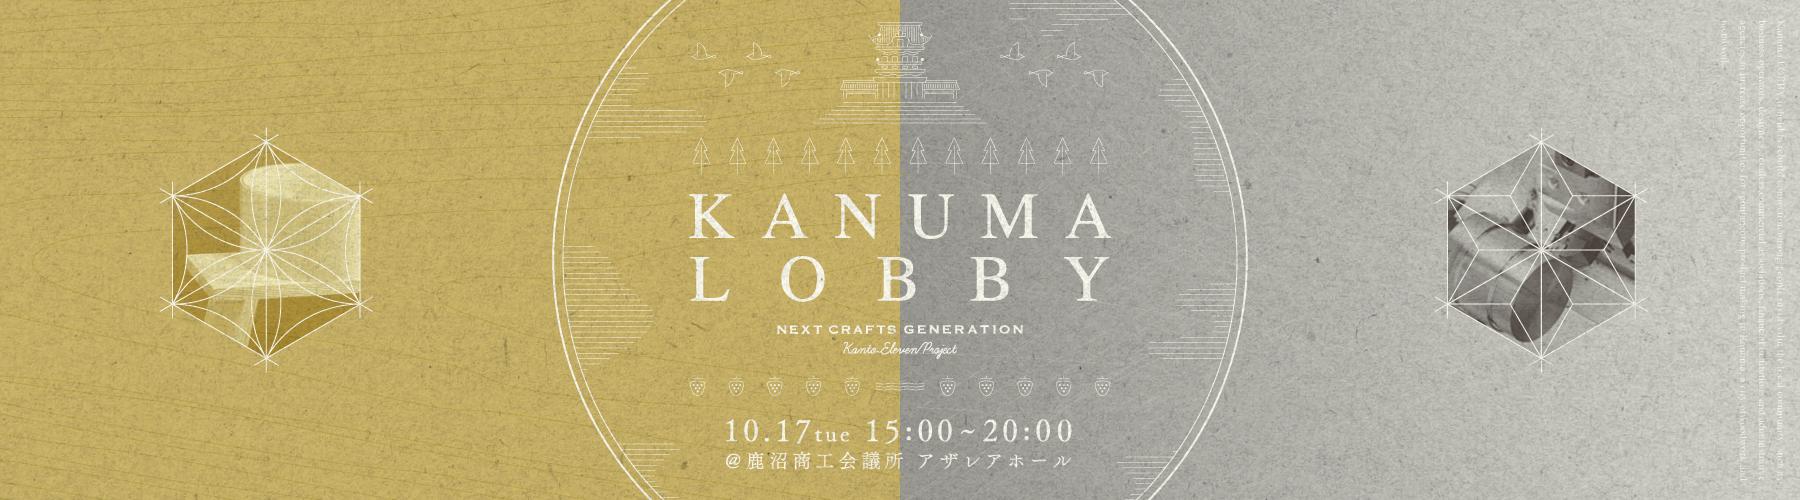 20171017_kanumalobby_1800_500